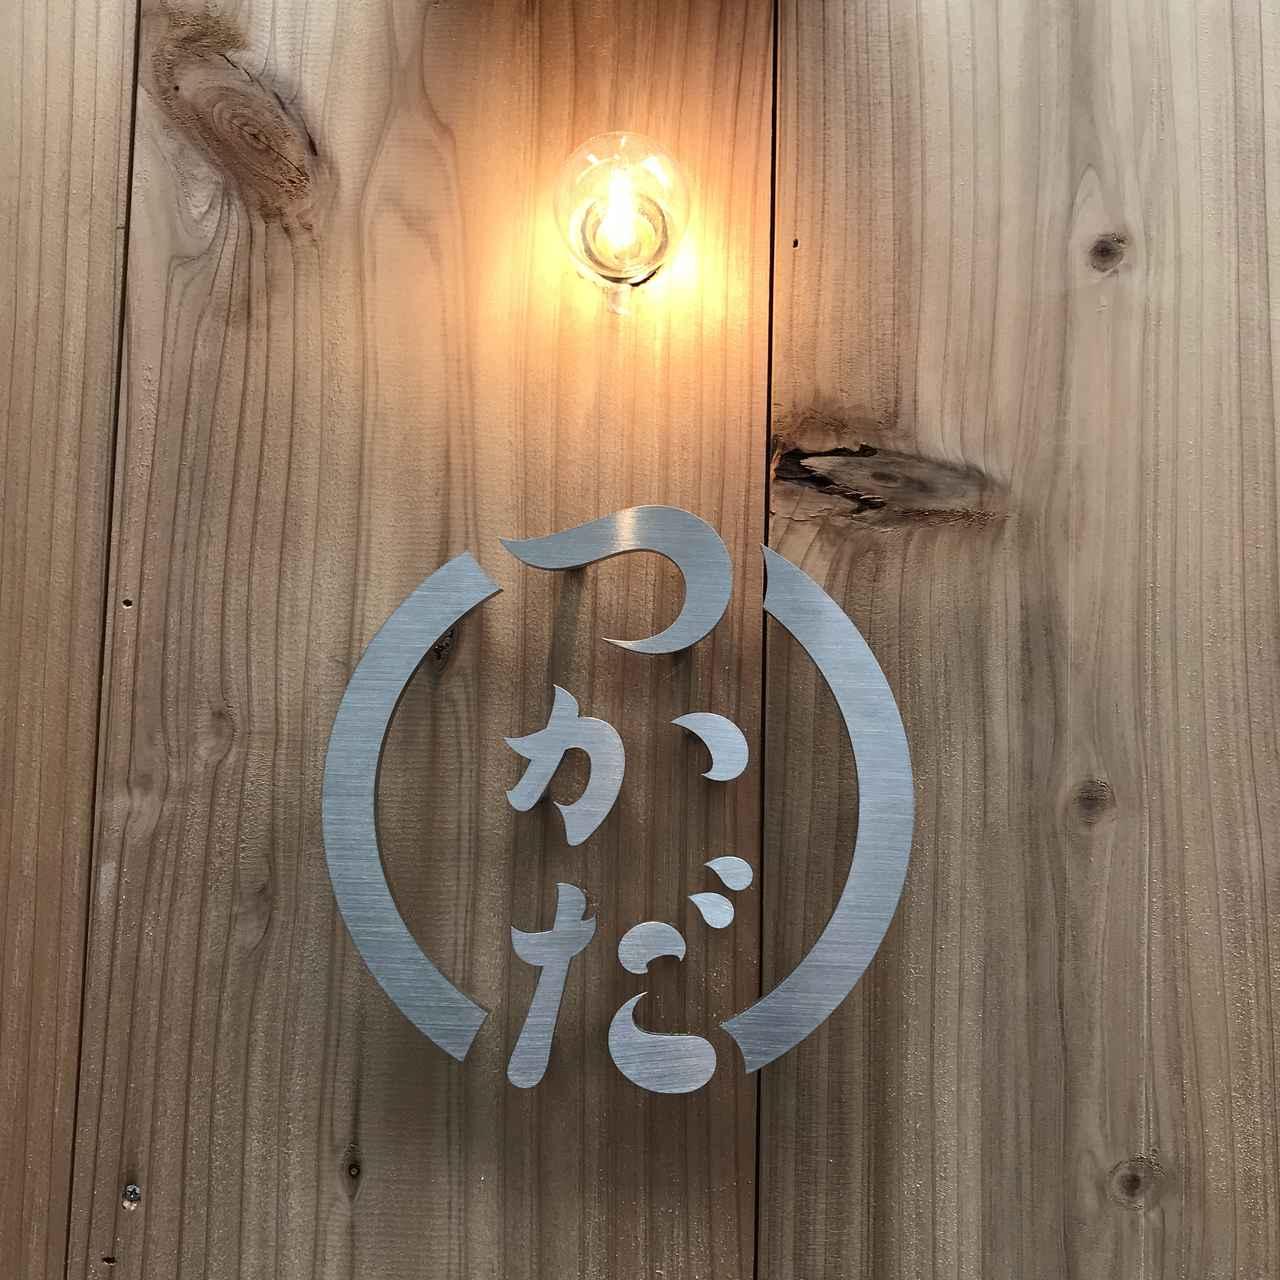 画像2: 【試食レポ】塚田農場の初旗艦店「焼鳥 つかだ」がオープン!